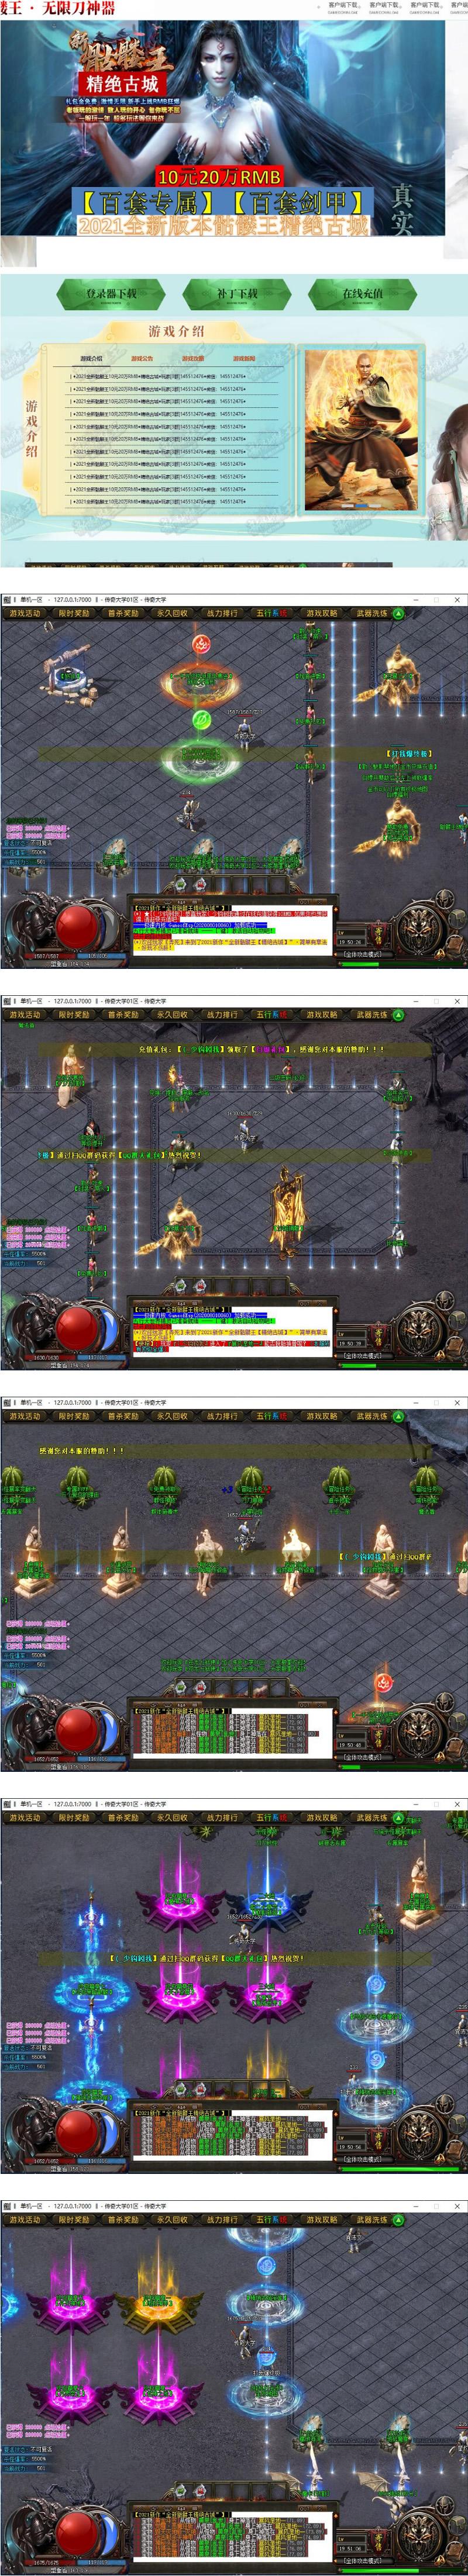 单职业传奇全新骷髅王精绝古城神器无限刀速版游戏端-爱资源分享